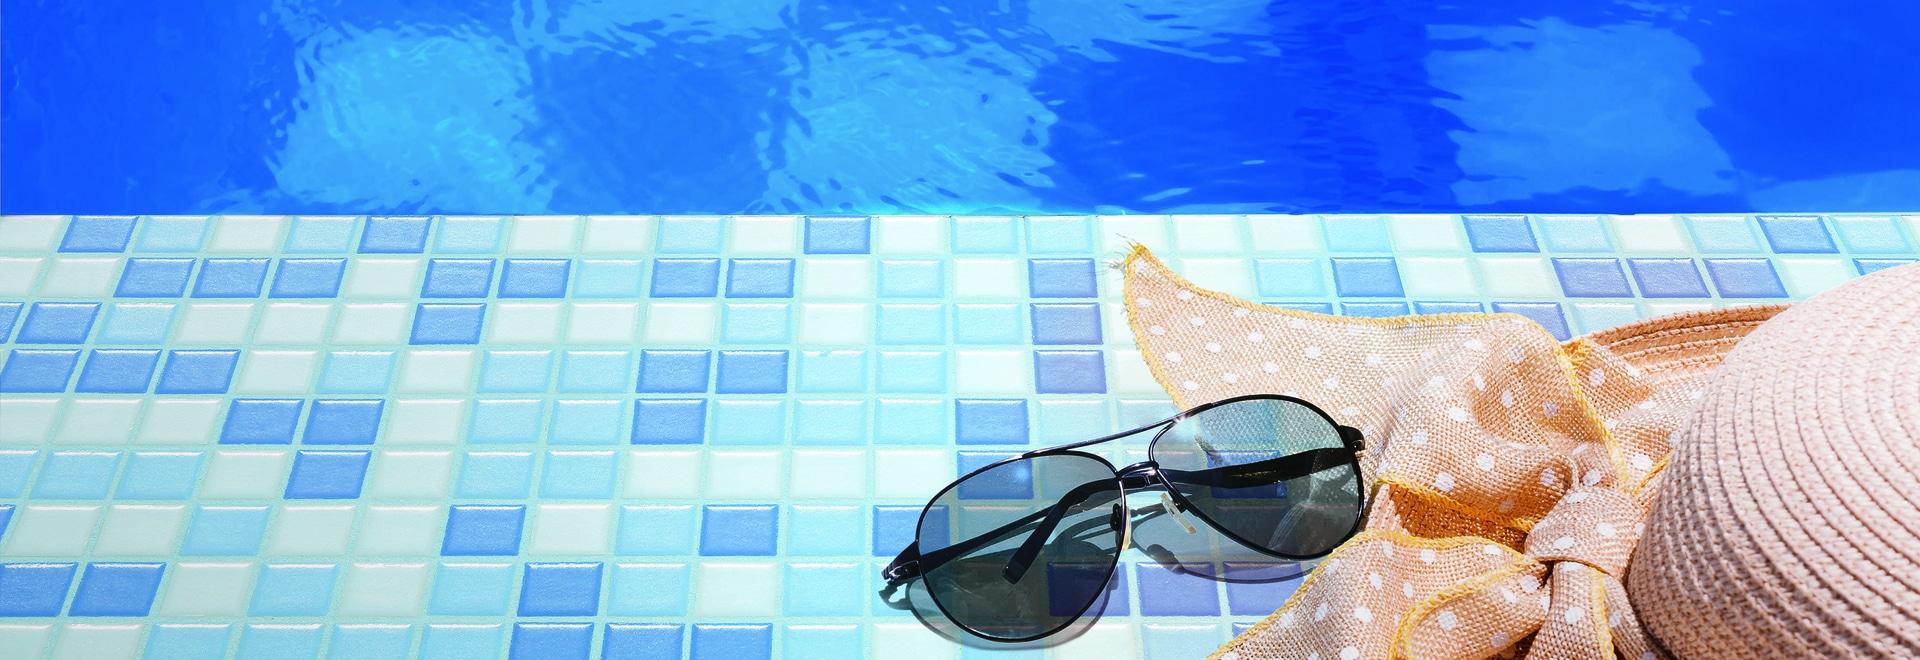 Litokol pour les piscines : comment réparer les joints à l'aide du produit Starlike®